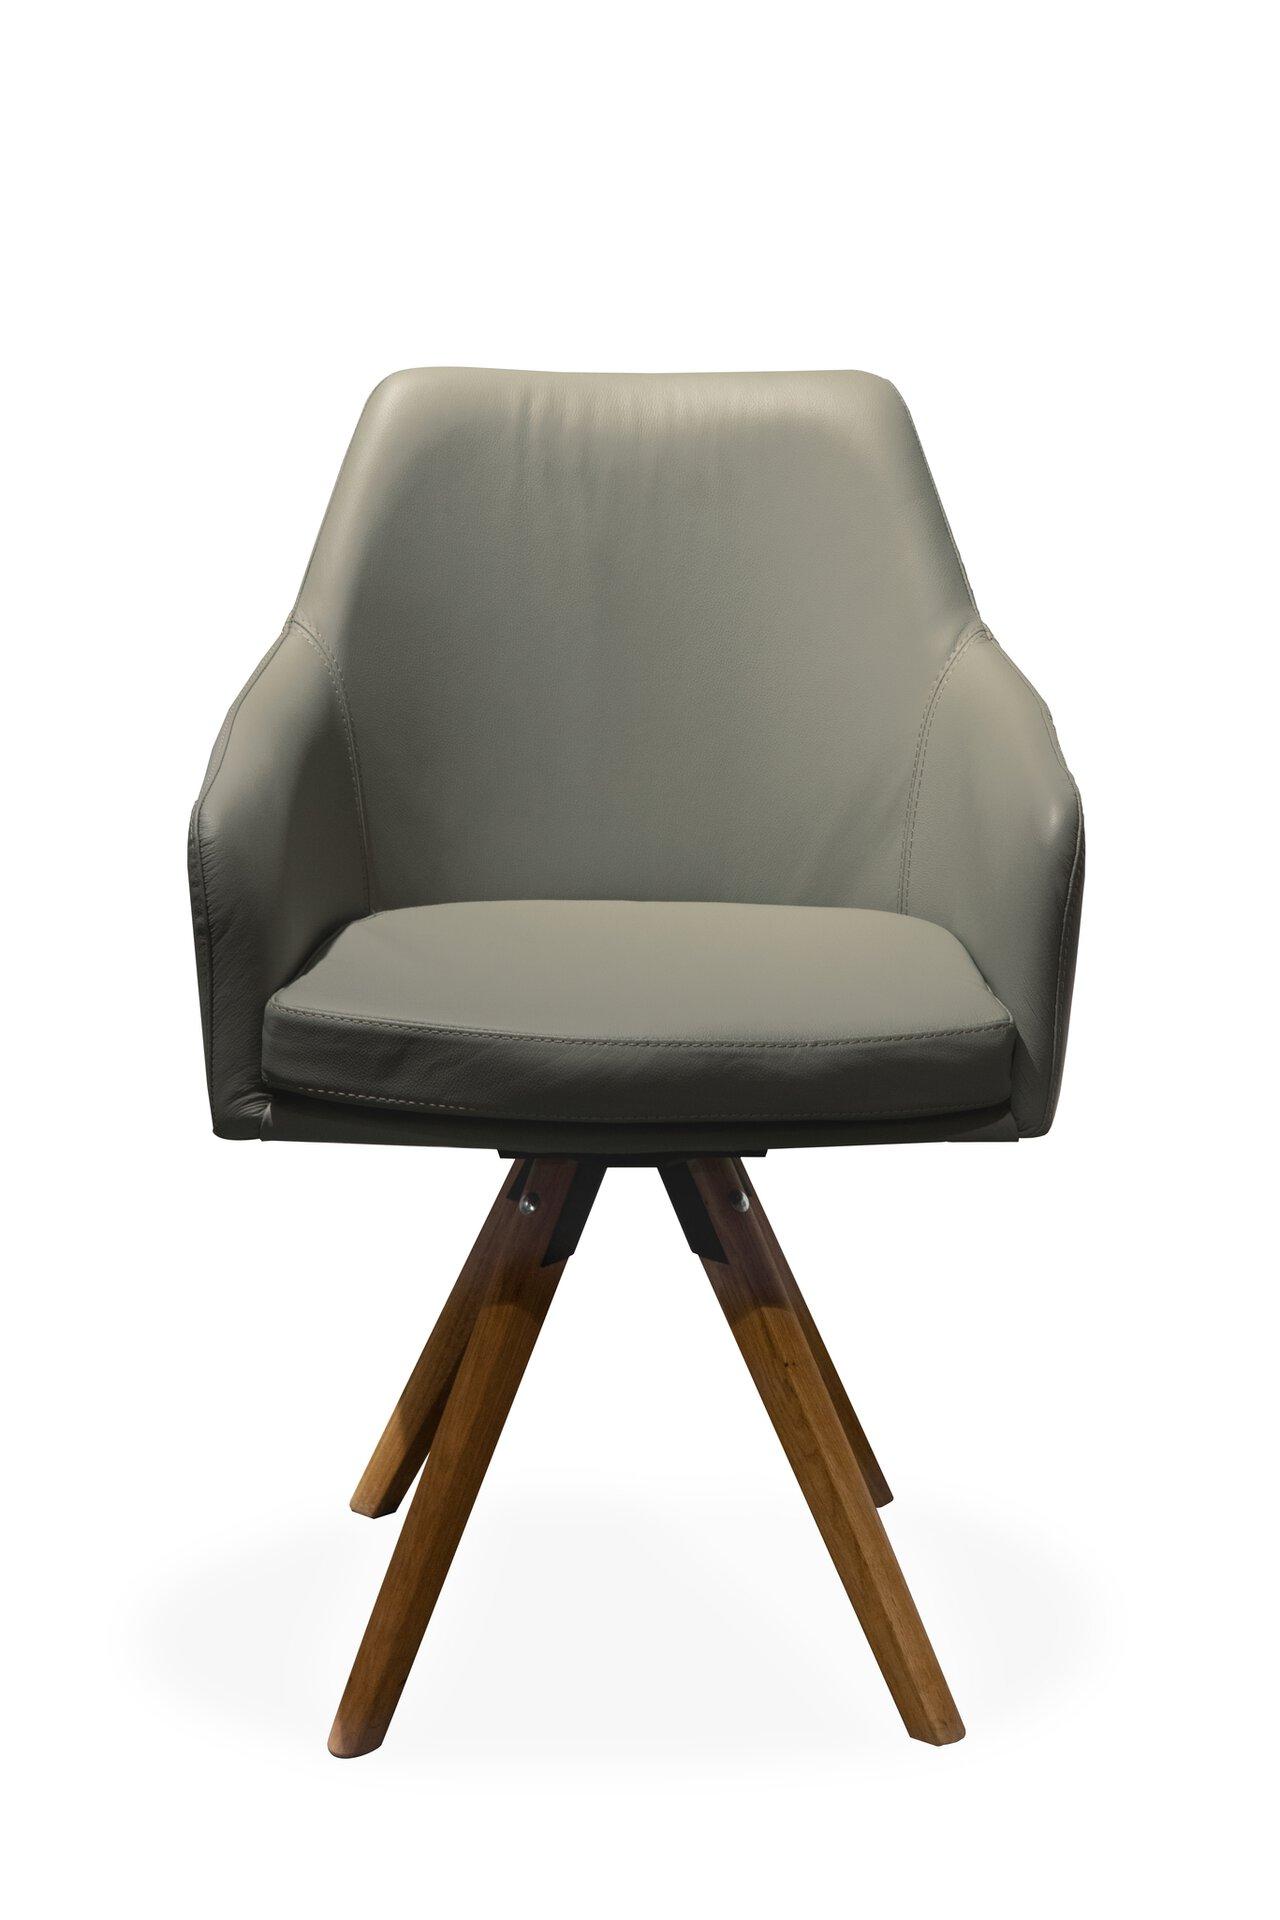 Stuhl 4A Dinett Leder grau 48 x 83 x 61 cm